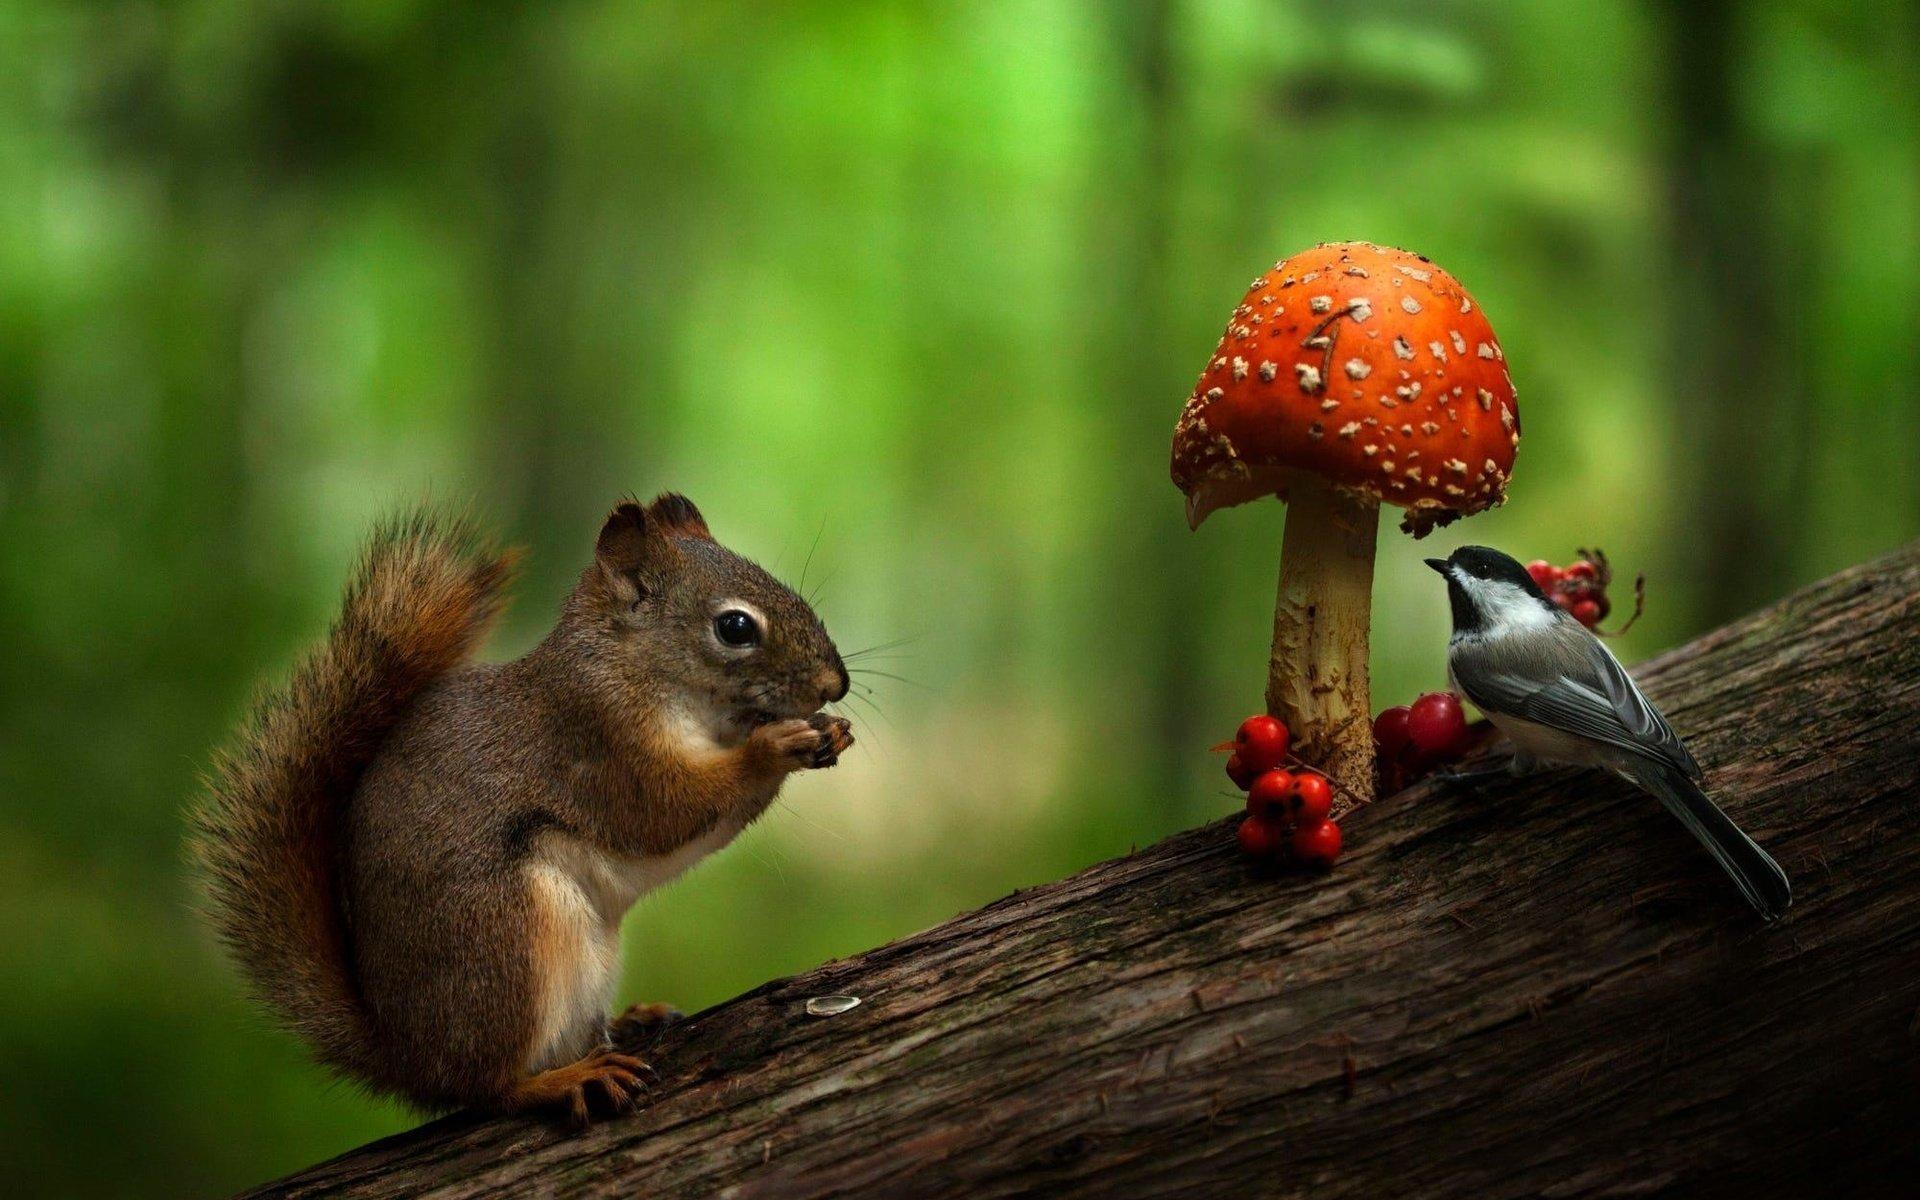 представленье твоём белка и грибы фото полка прикроватная тумбочками